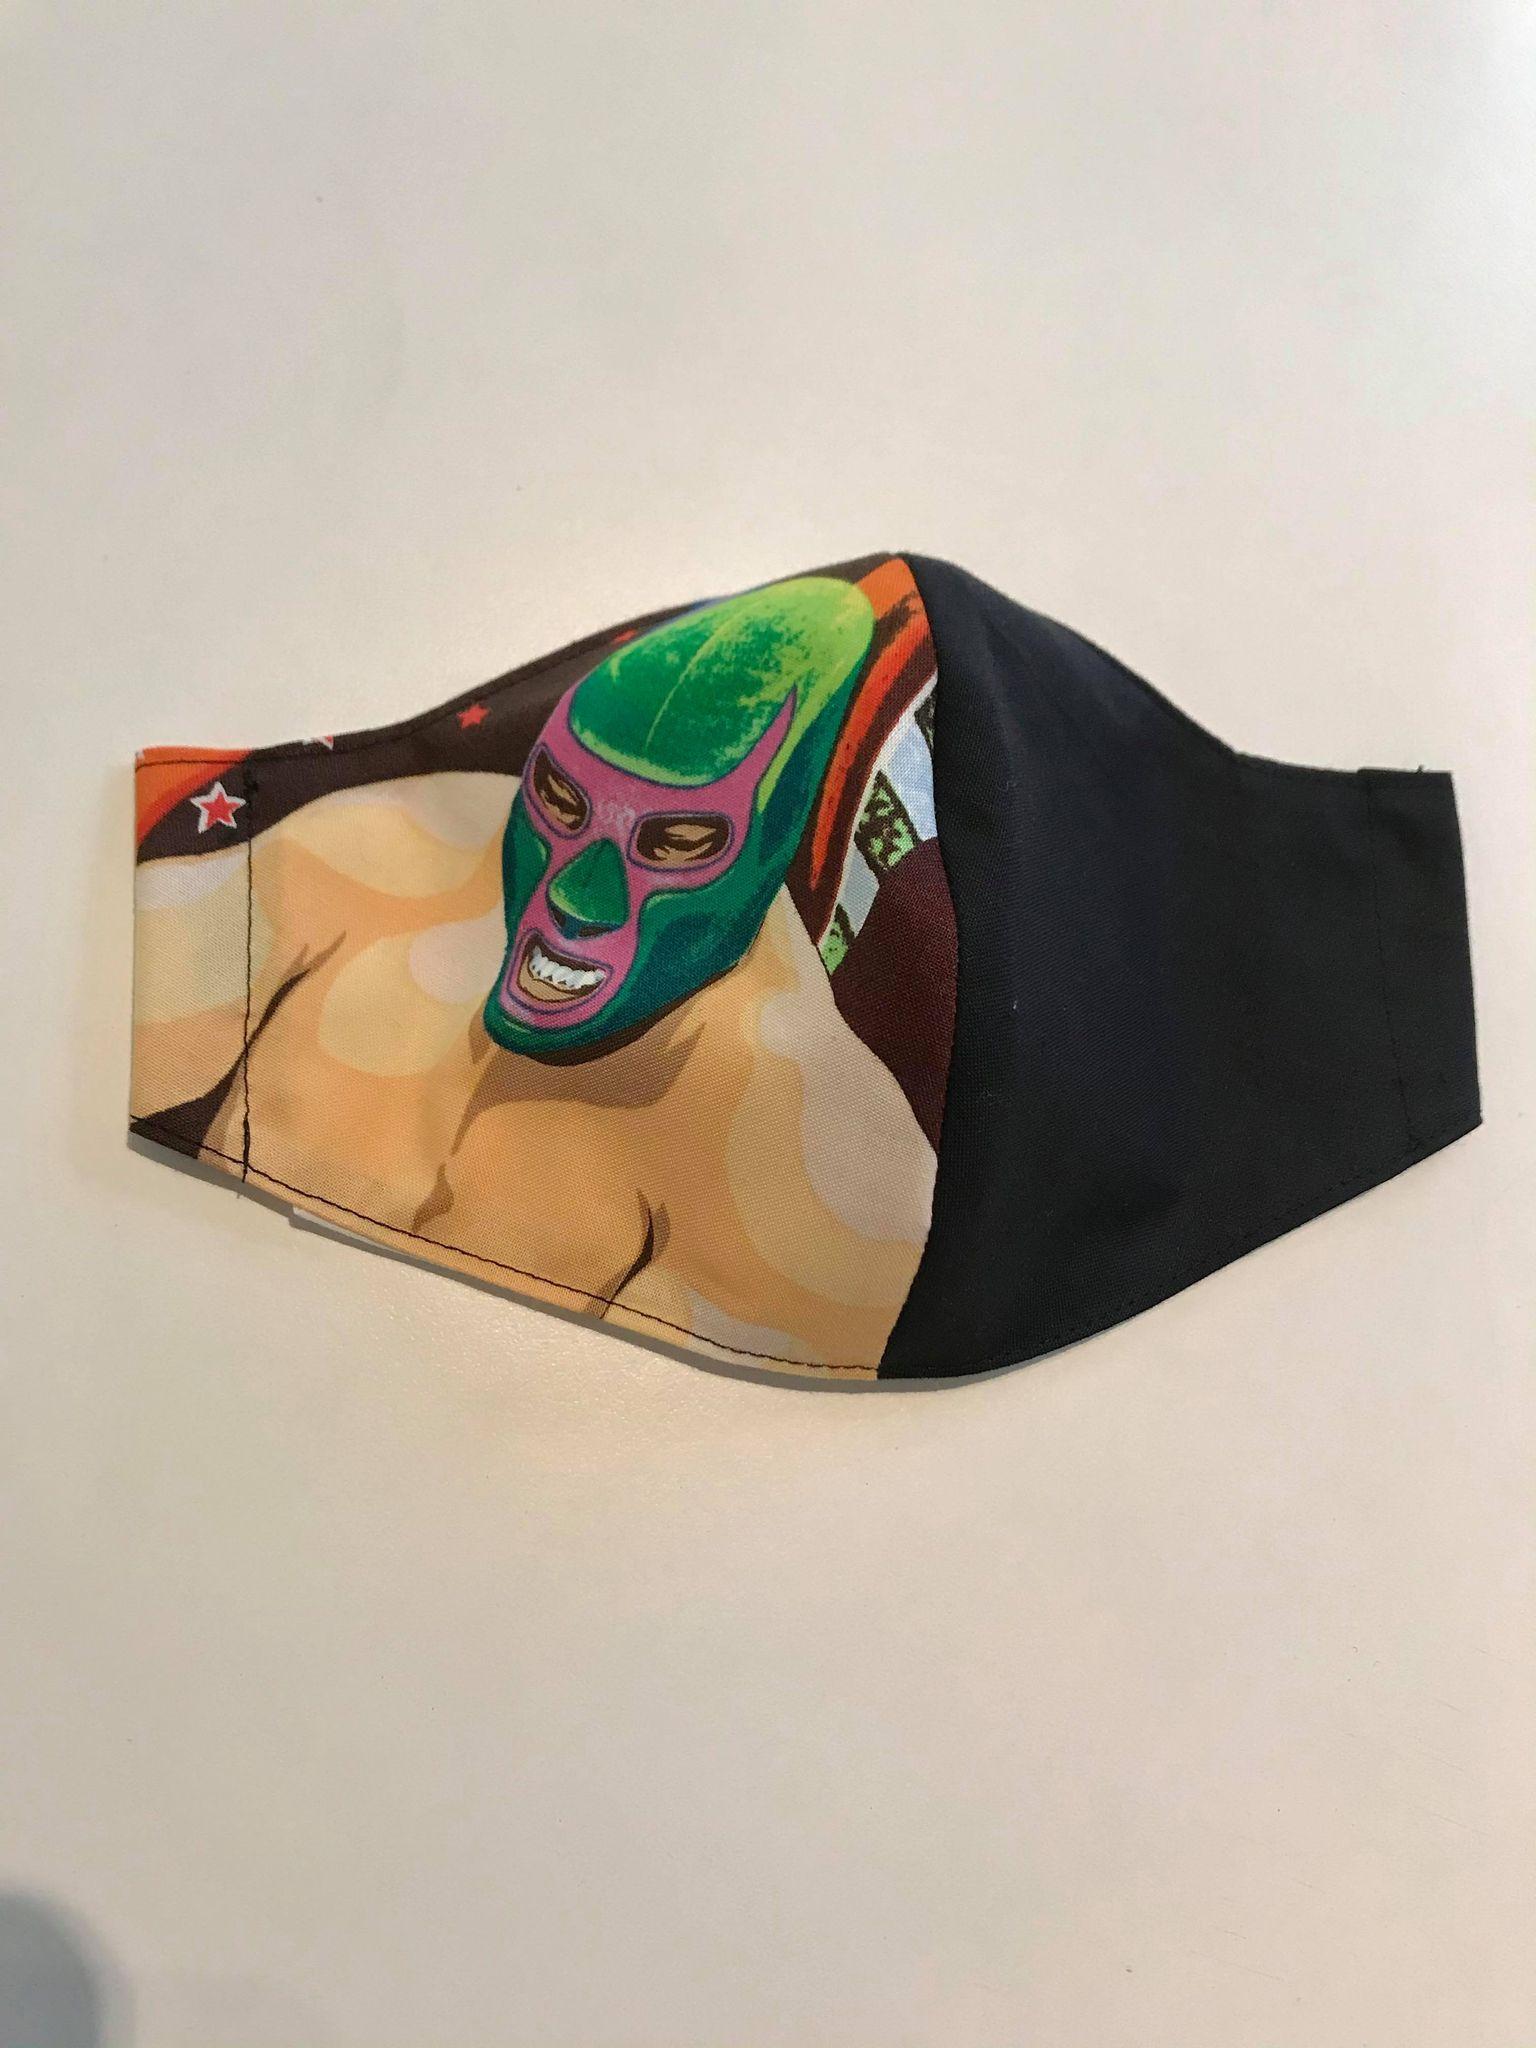 munskydd mörlgrön wrestling